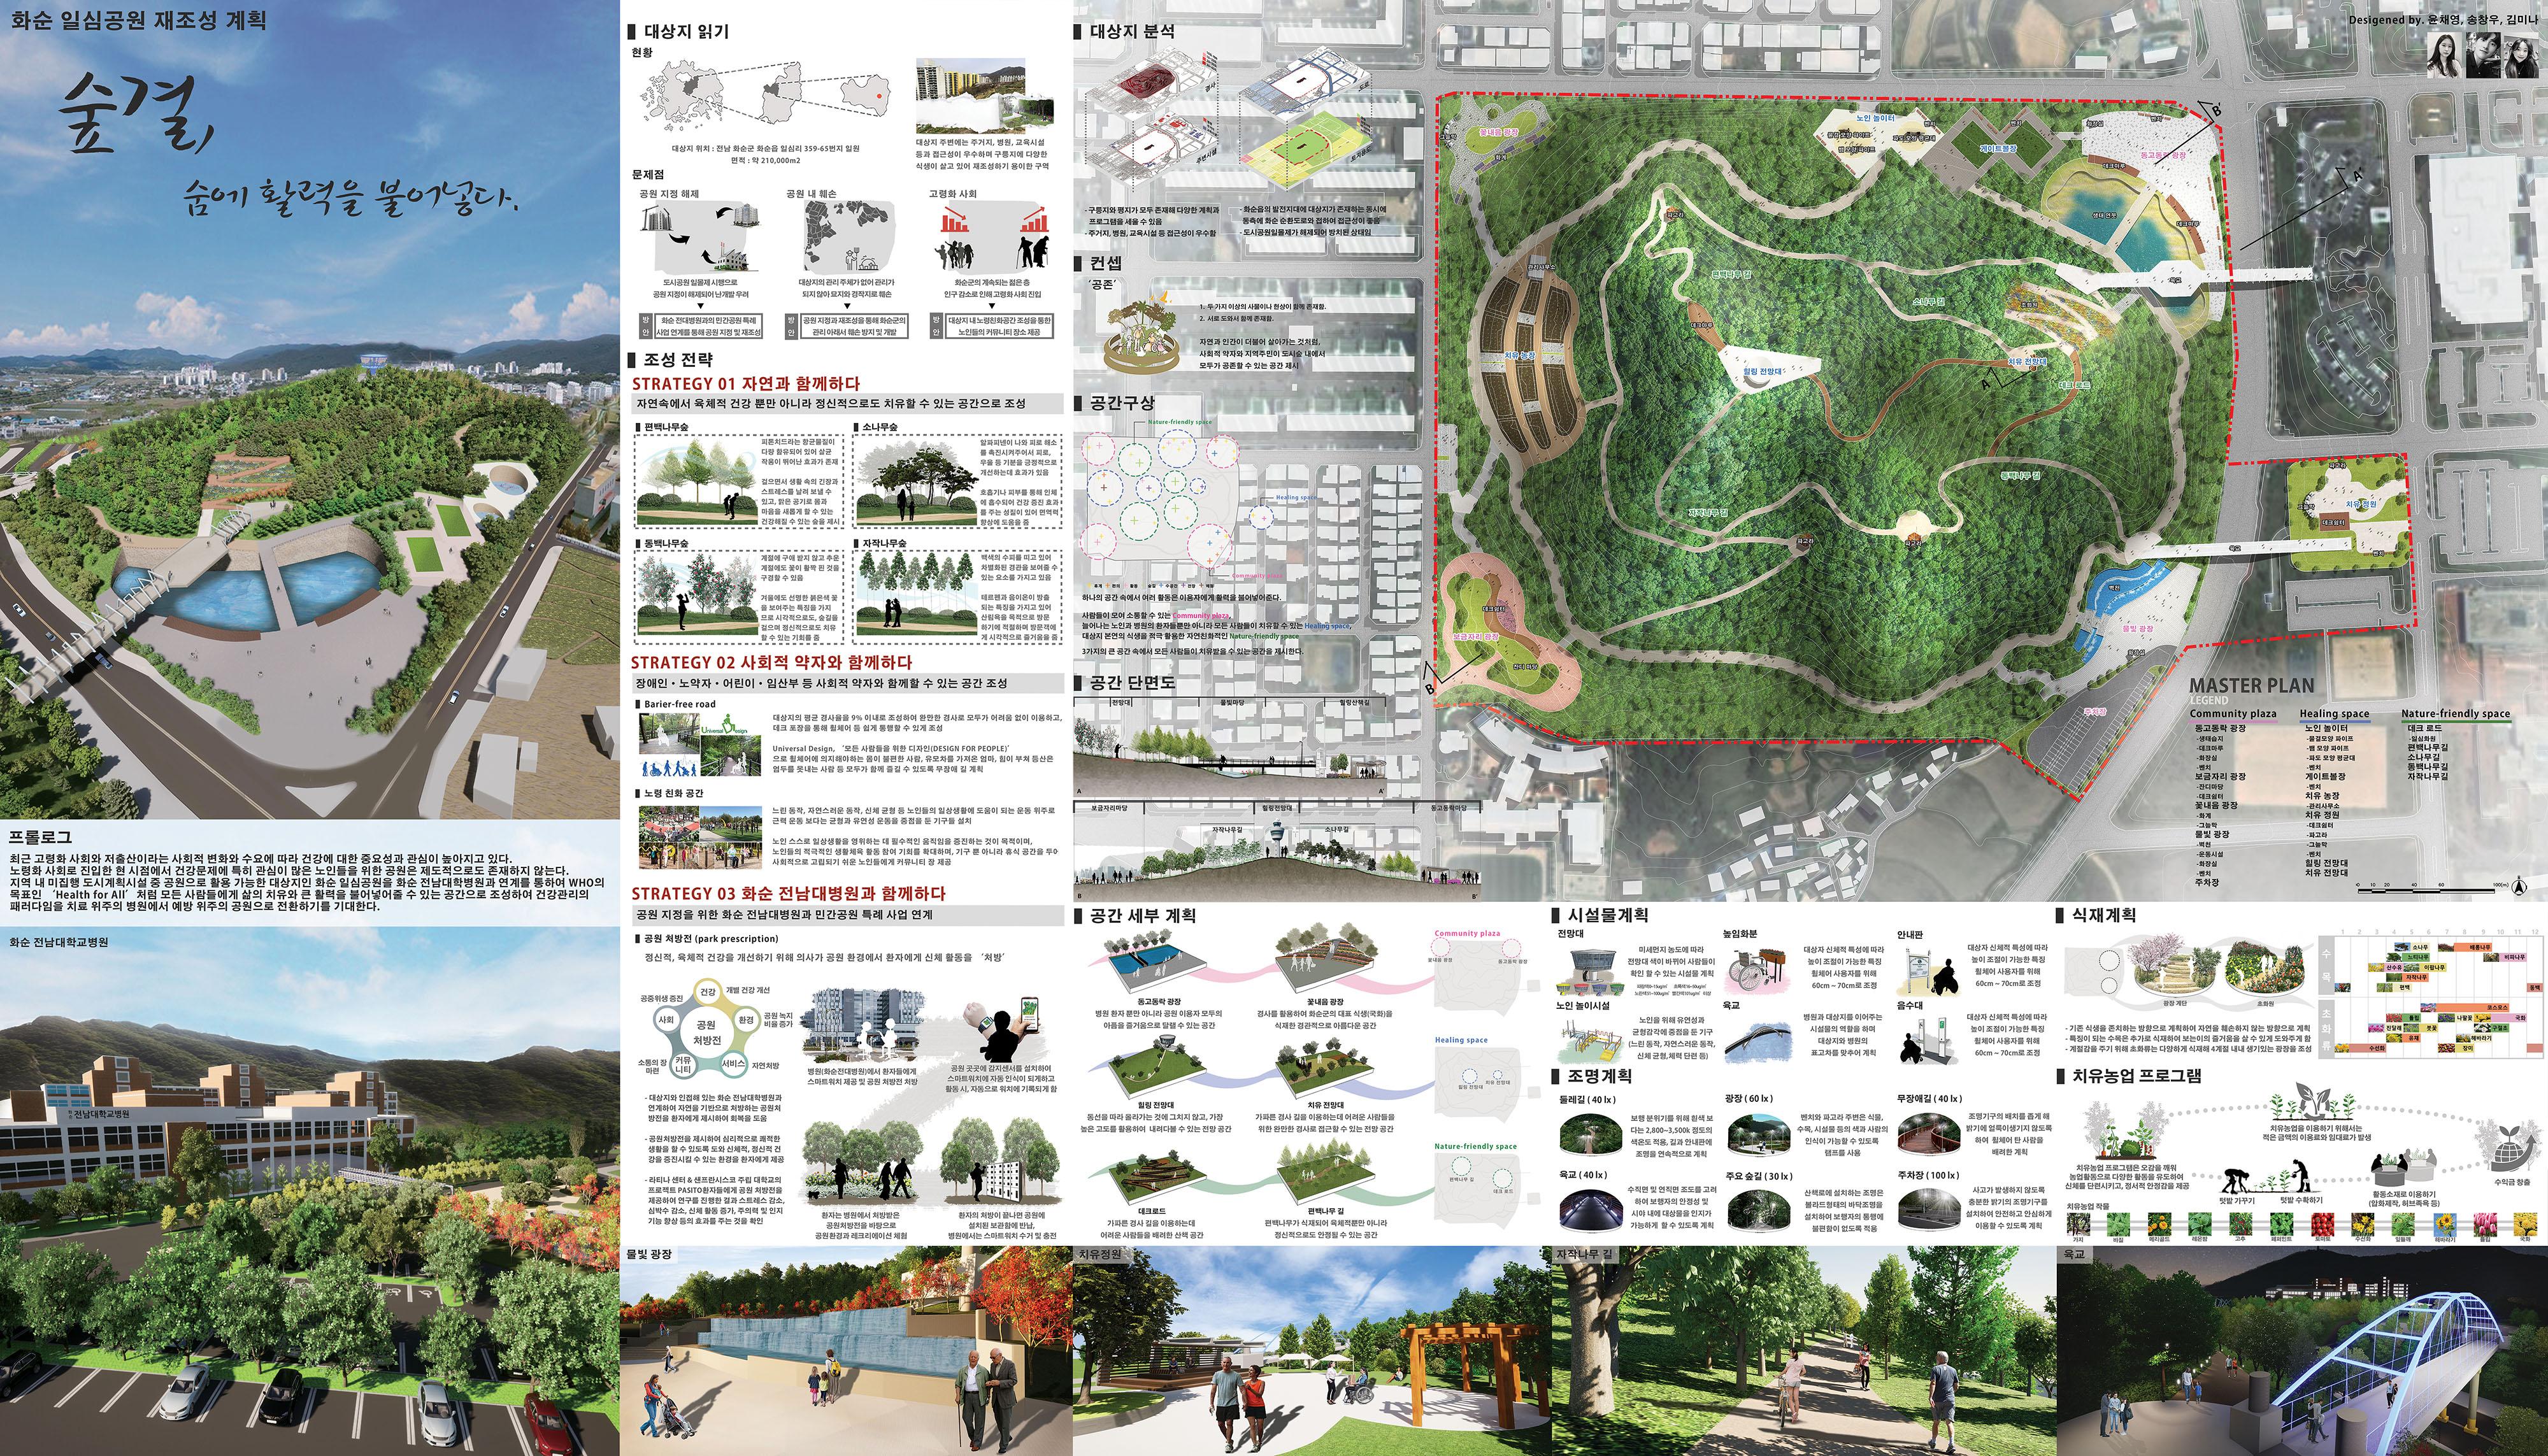 2021학년도 졸업작품(화순 일심공원 재조성 계획 )